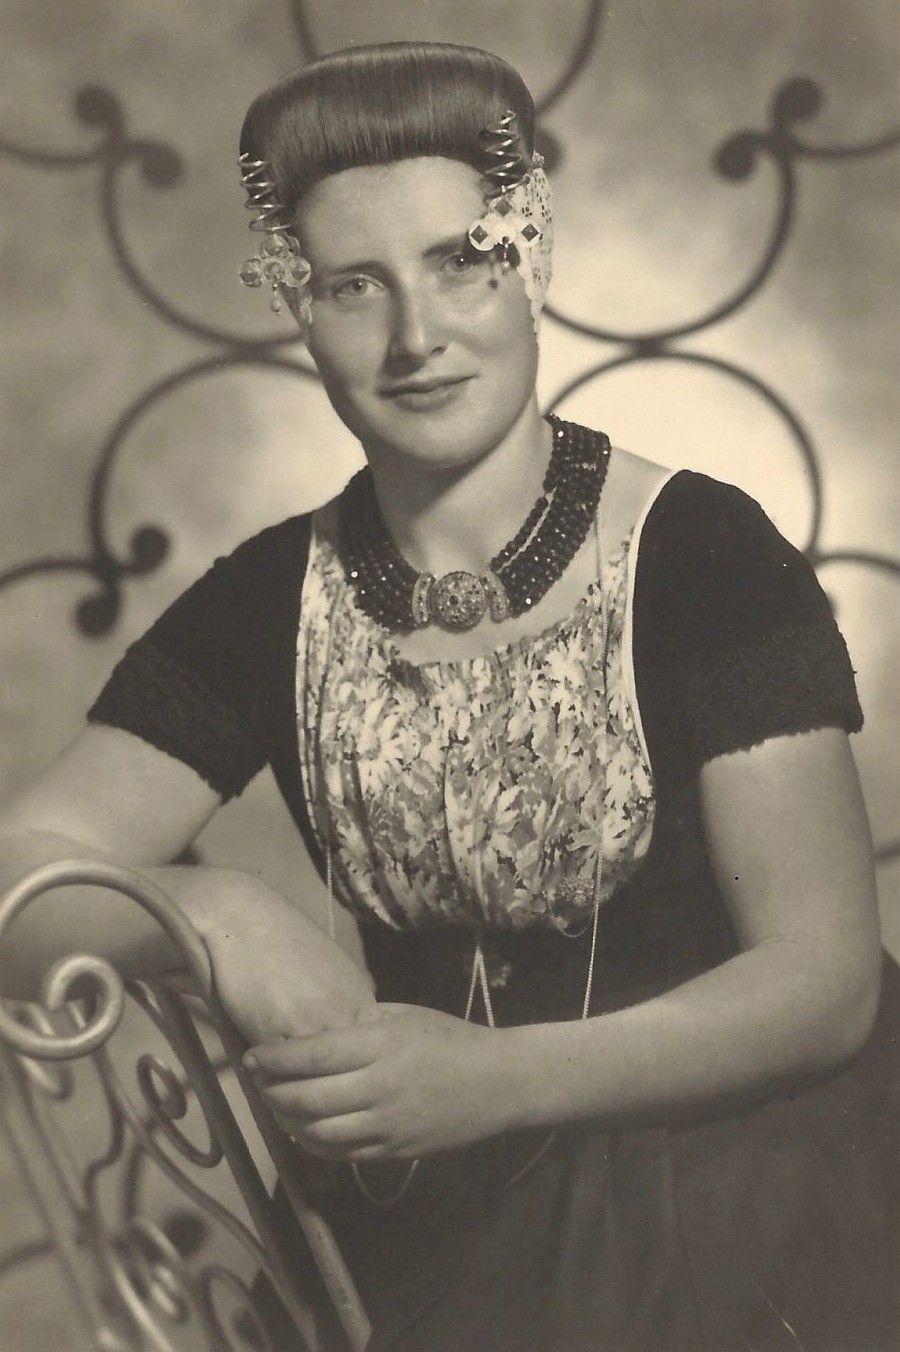 Marie Verhage op een foto uit 1946. (Collectie G. de Hamer)